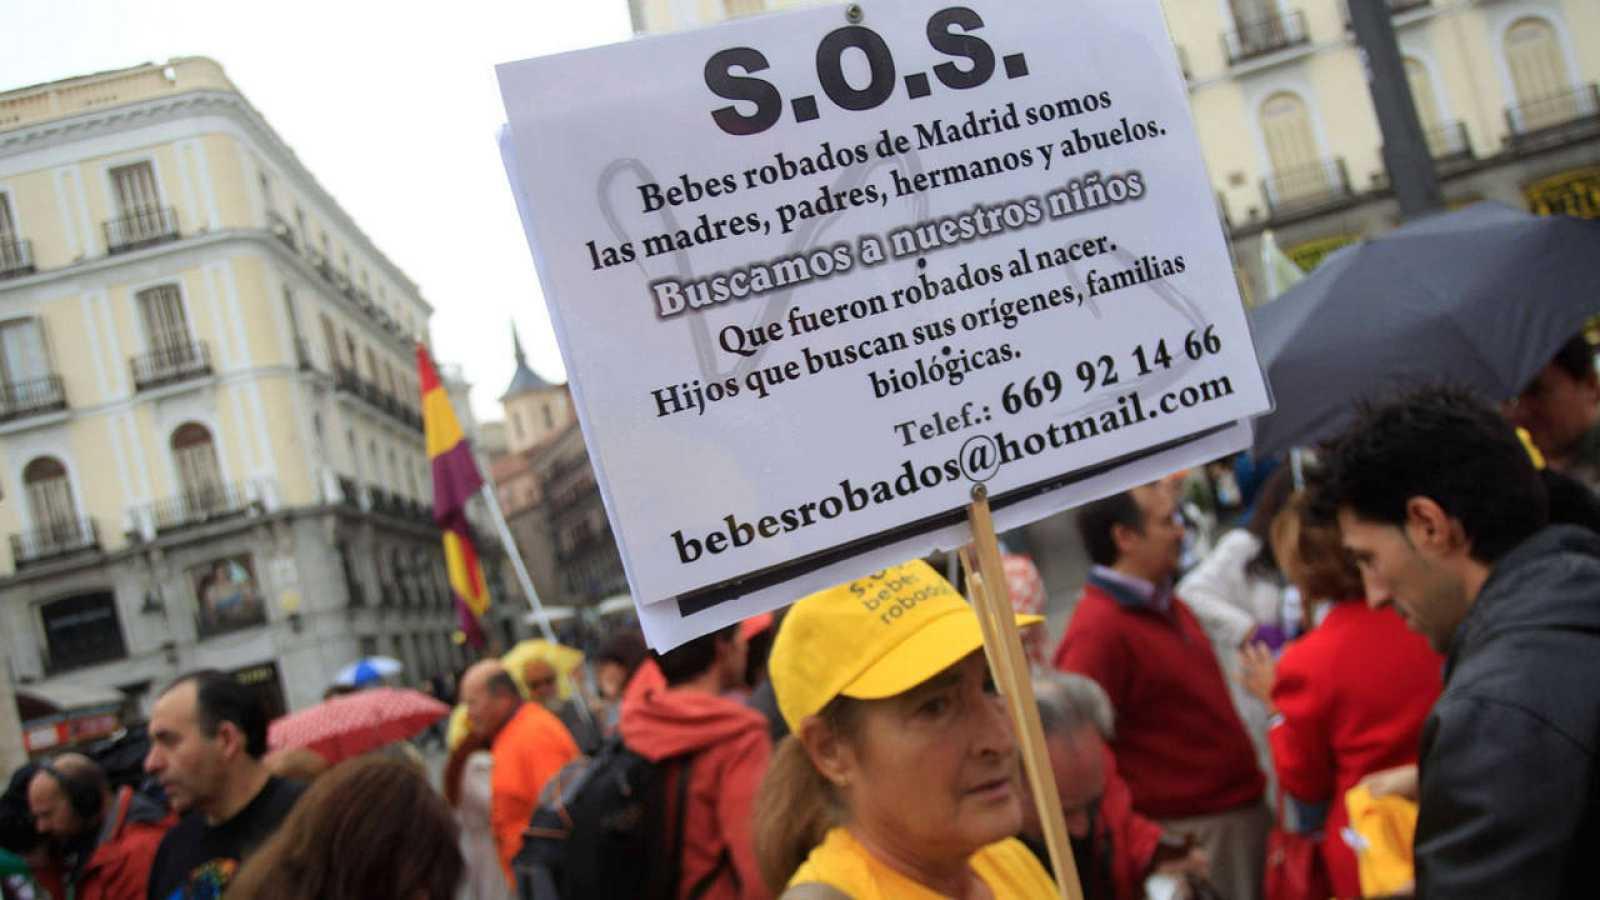 Manifestación en octubre de 2013 en Madrid para protestar por el archivo de algunos casos de niños robados